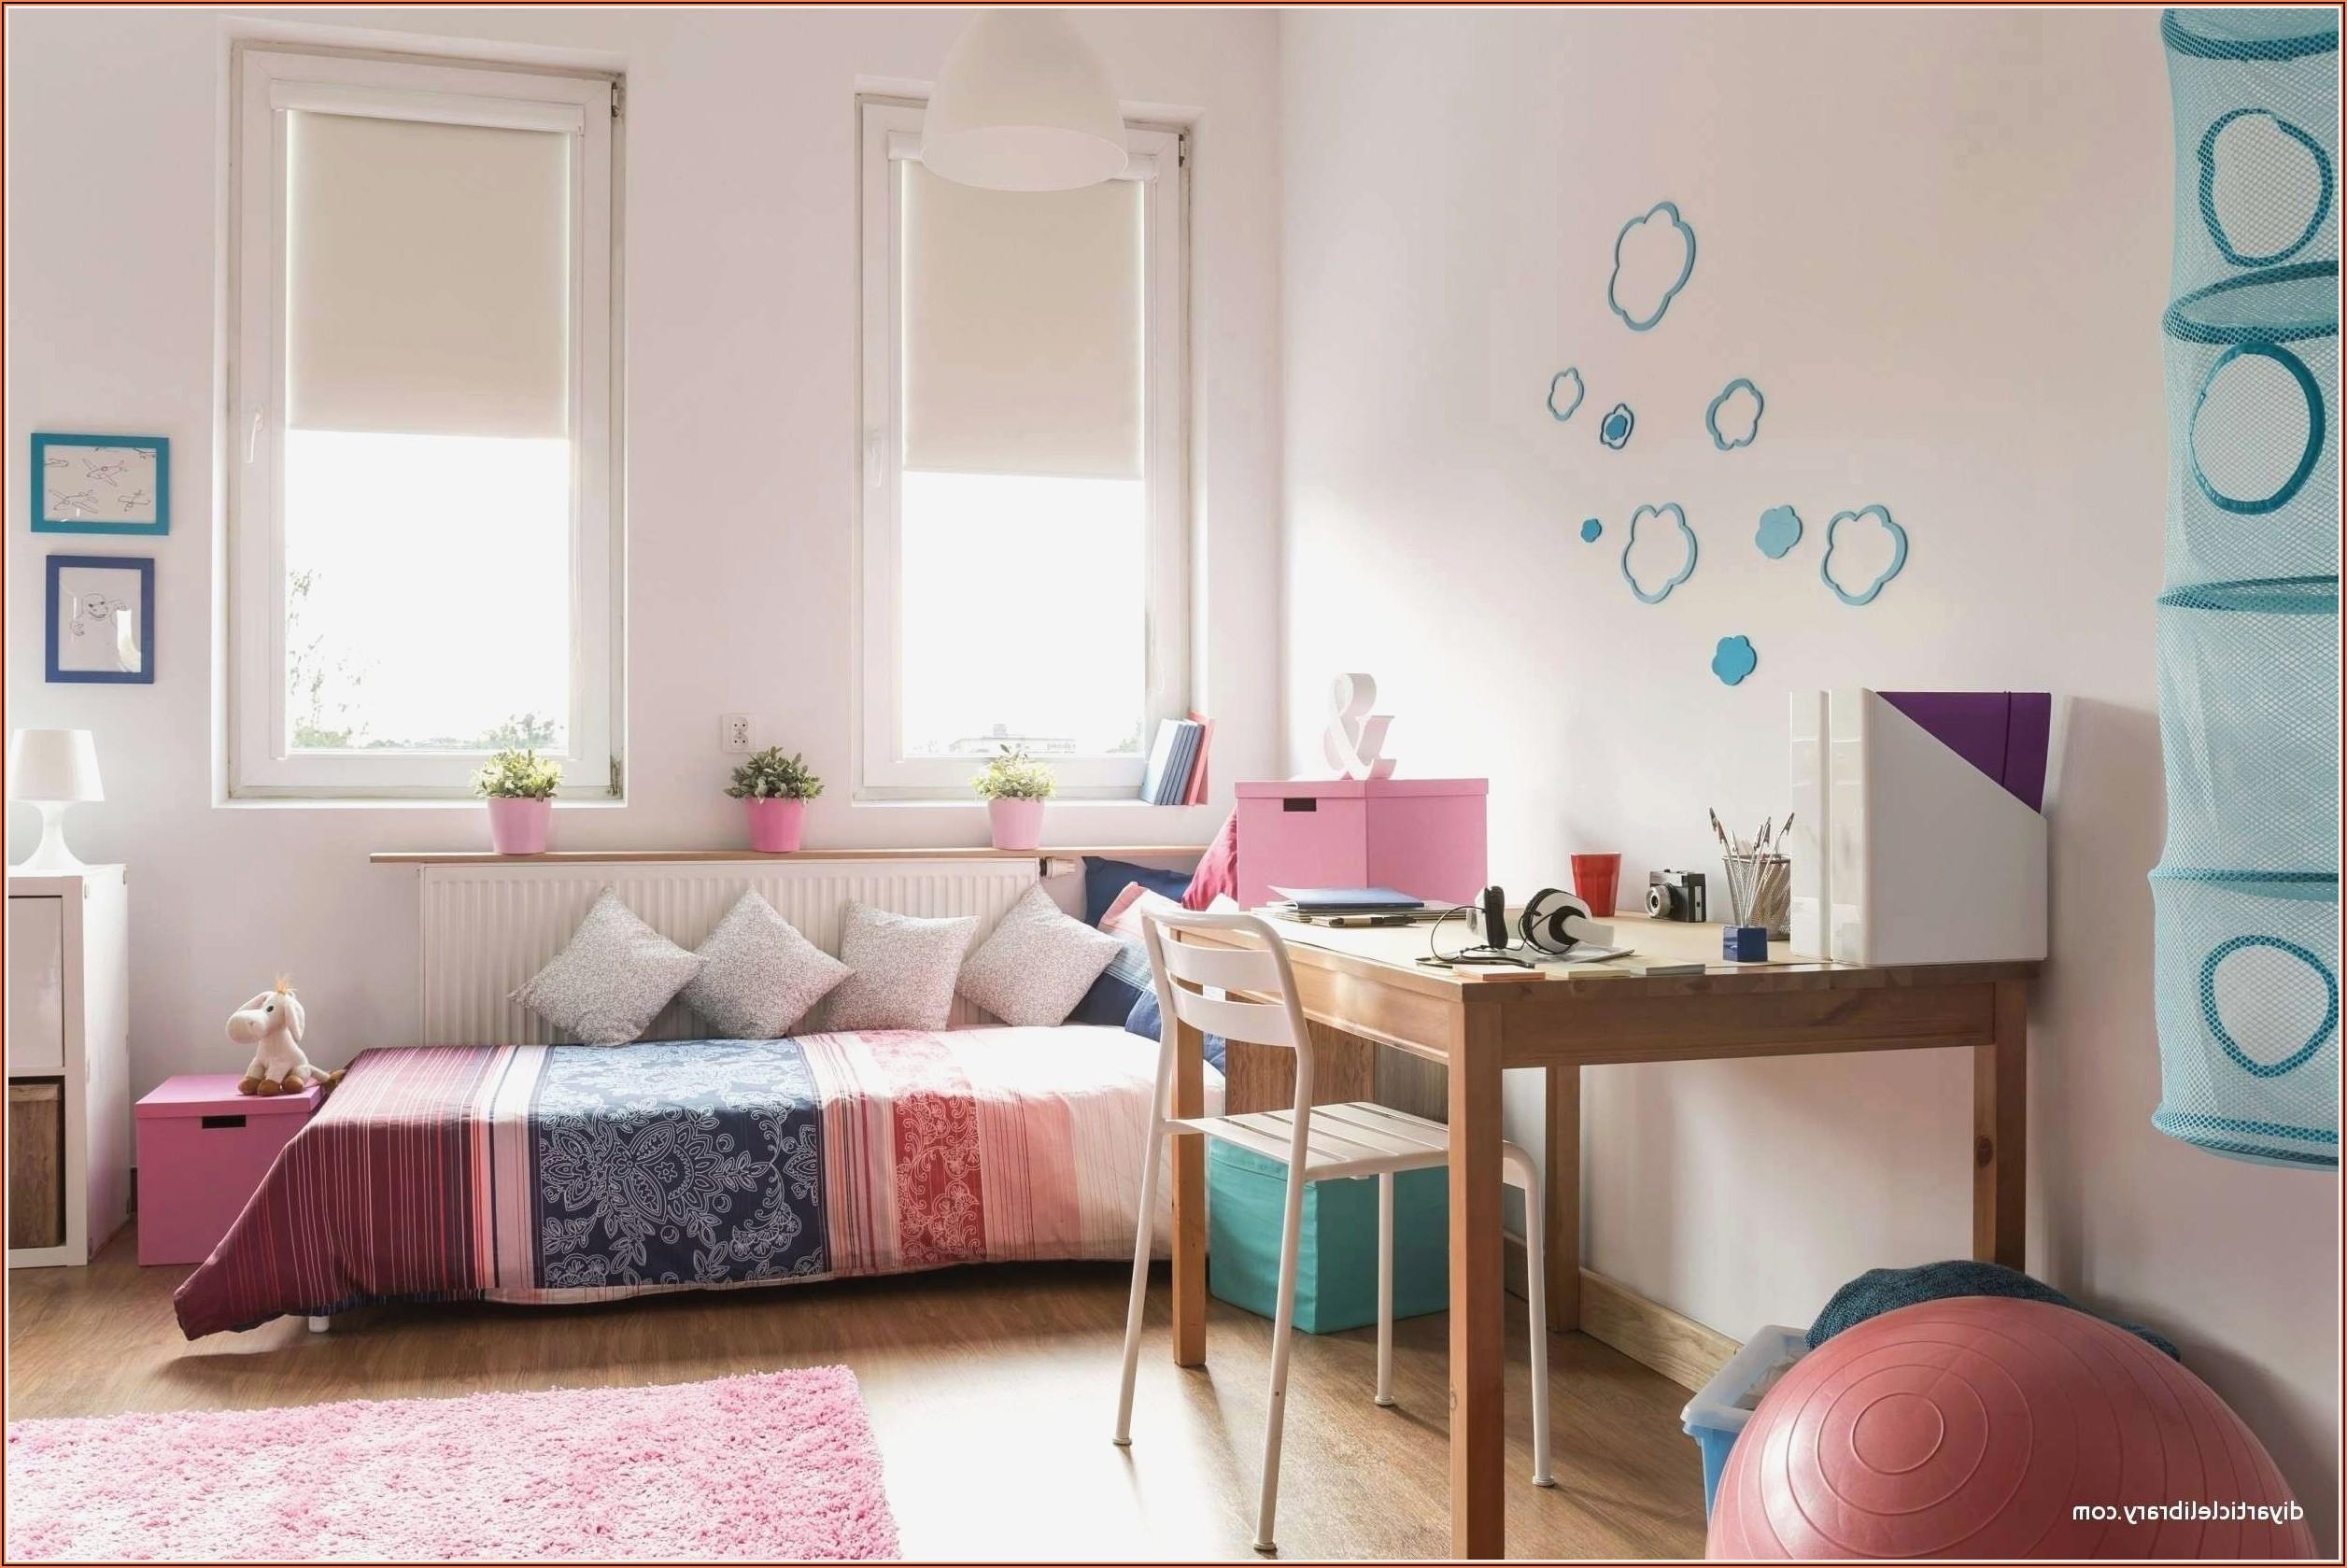 Kinderzimmer Junge 4 Jahre Kinderzimme House und Dekor